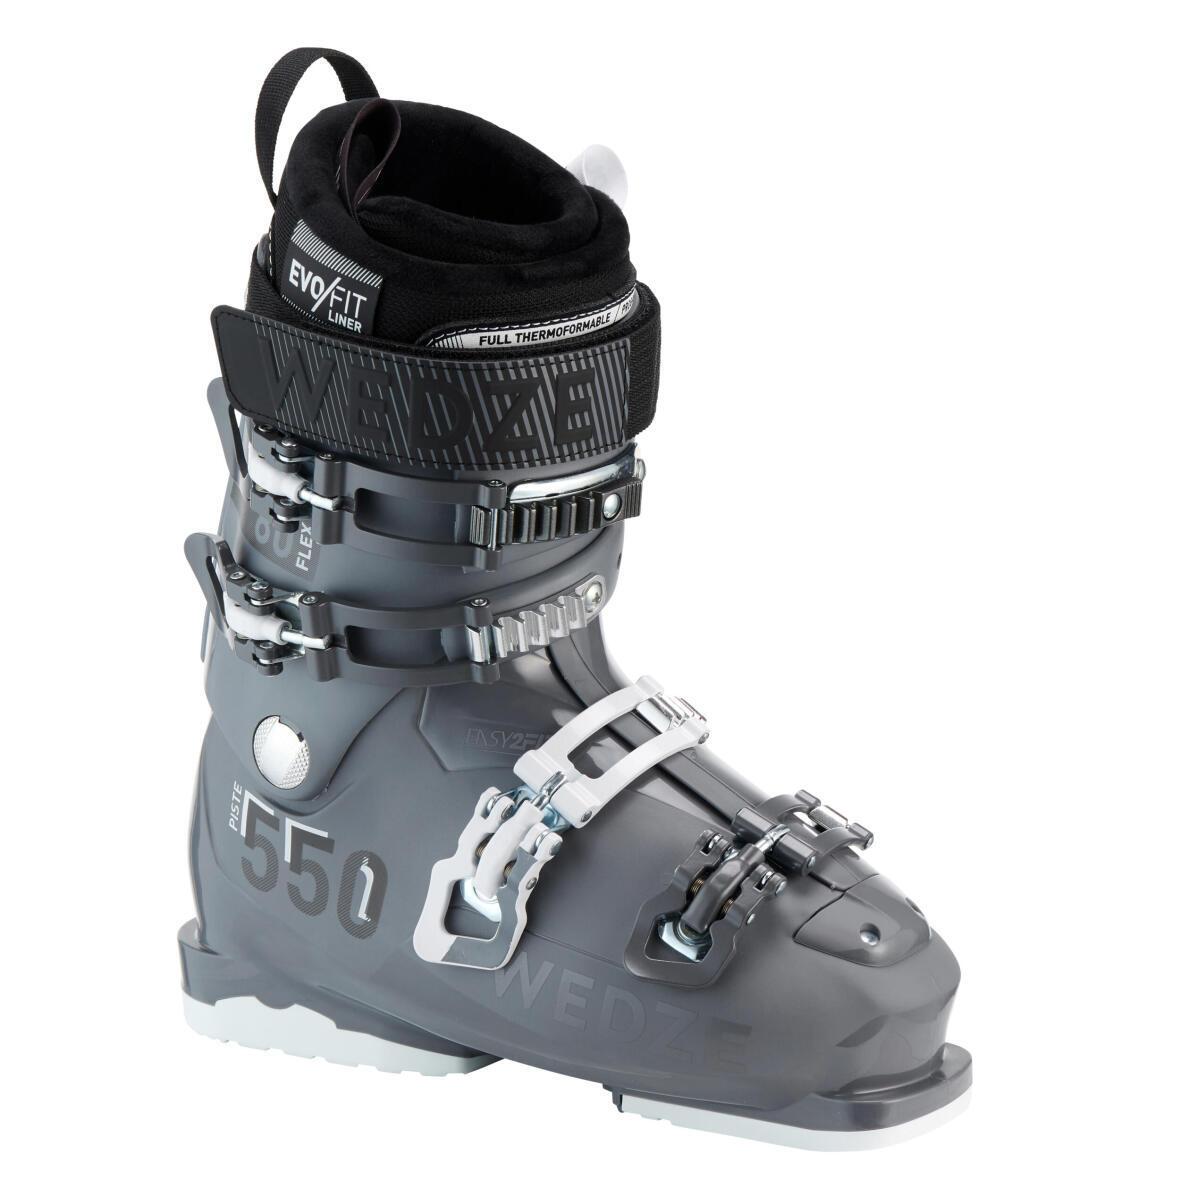 les bottes de ski alpin